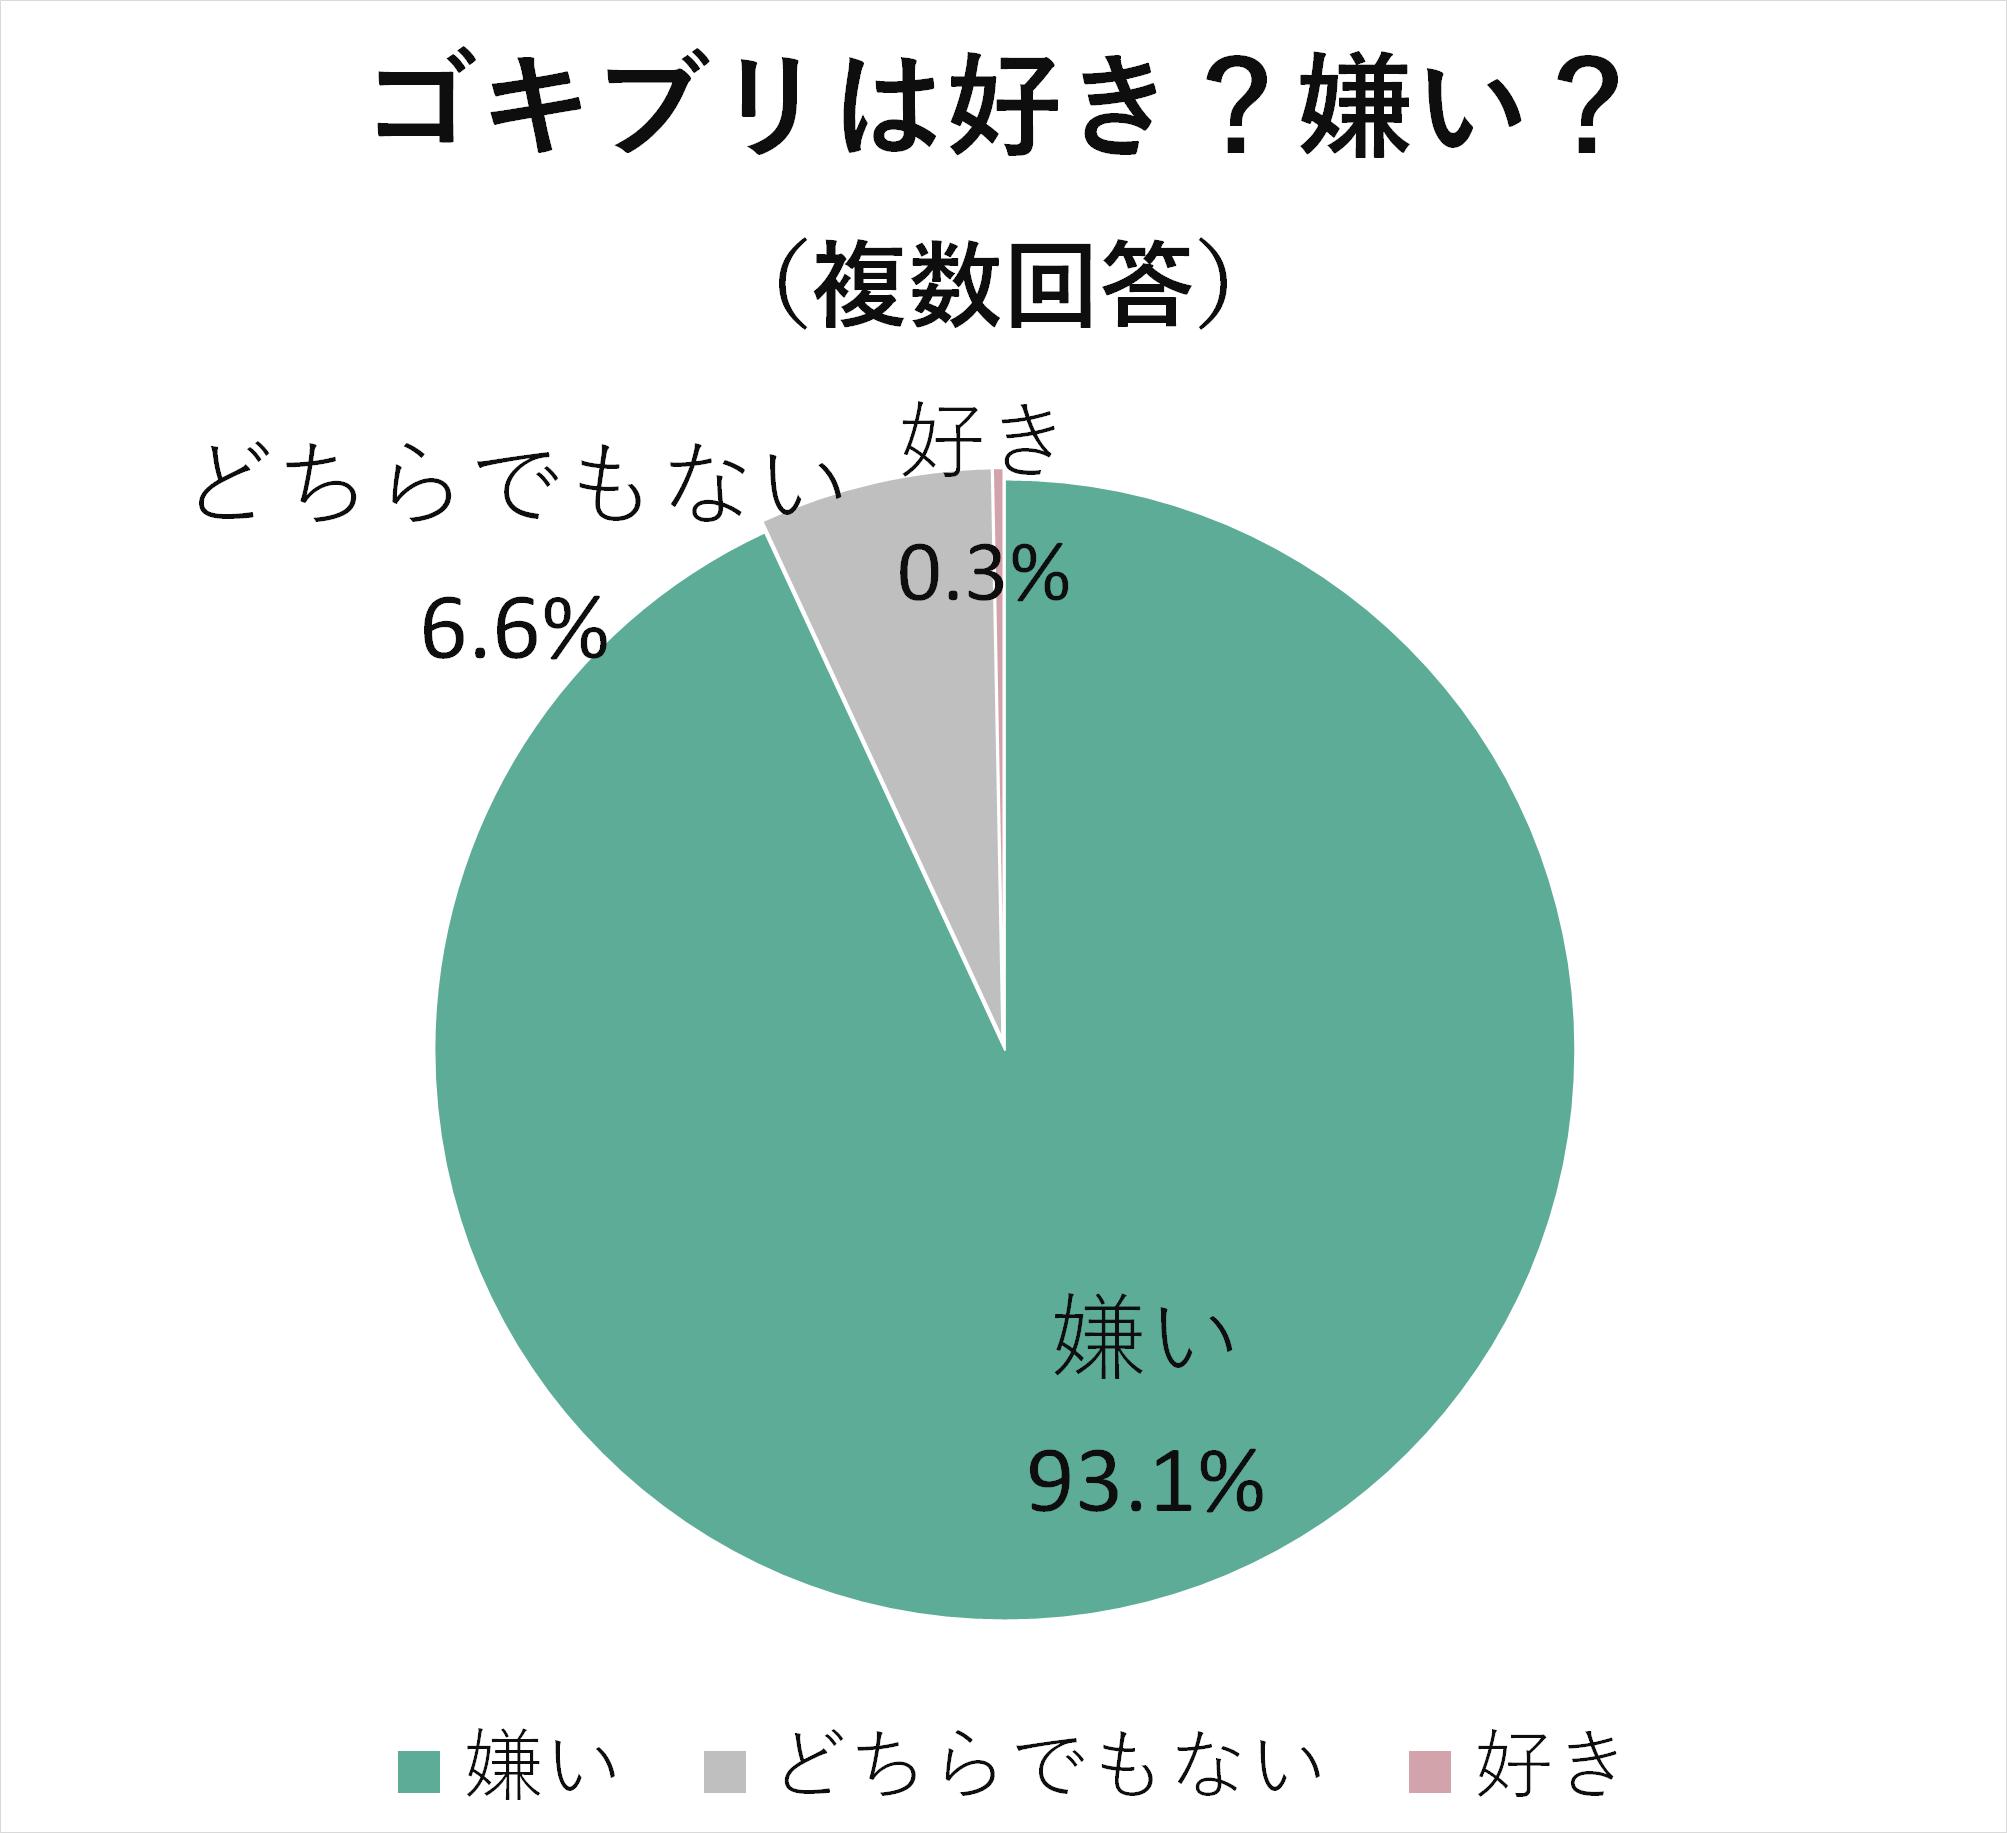 ゴキブリを嫌いな人は93.1%どちらでもない人は6.6%好きな人は0.3%